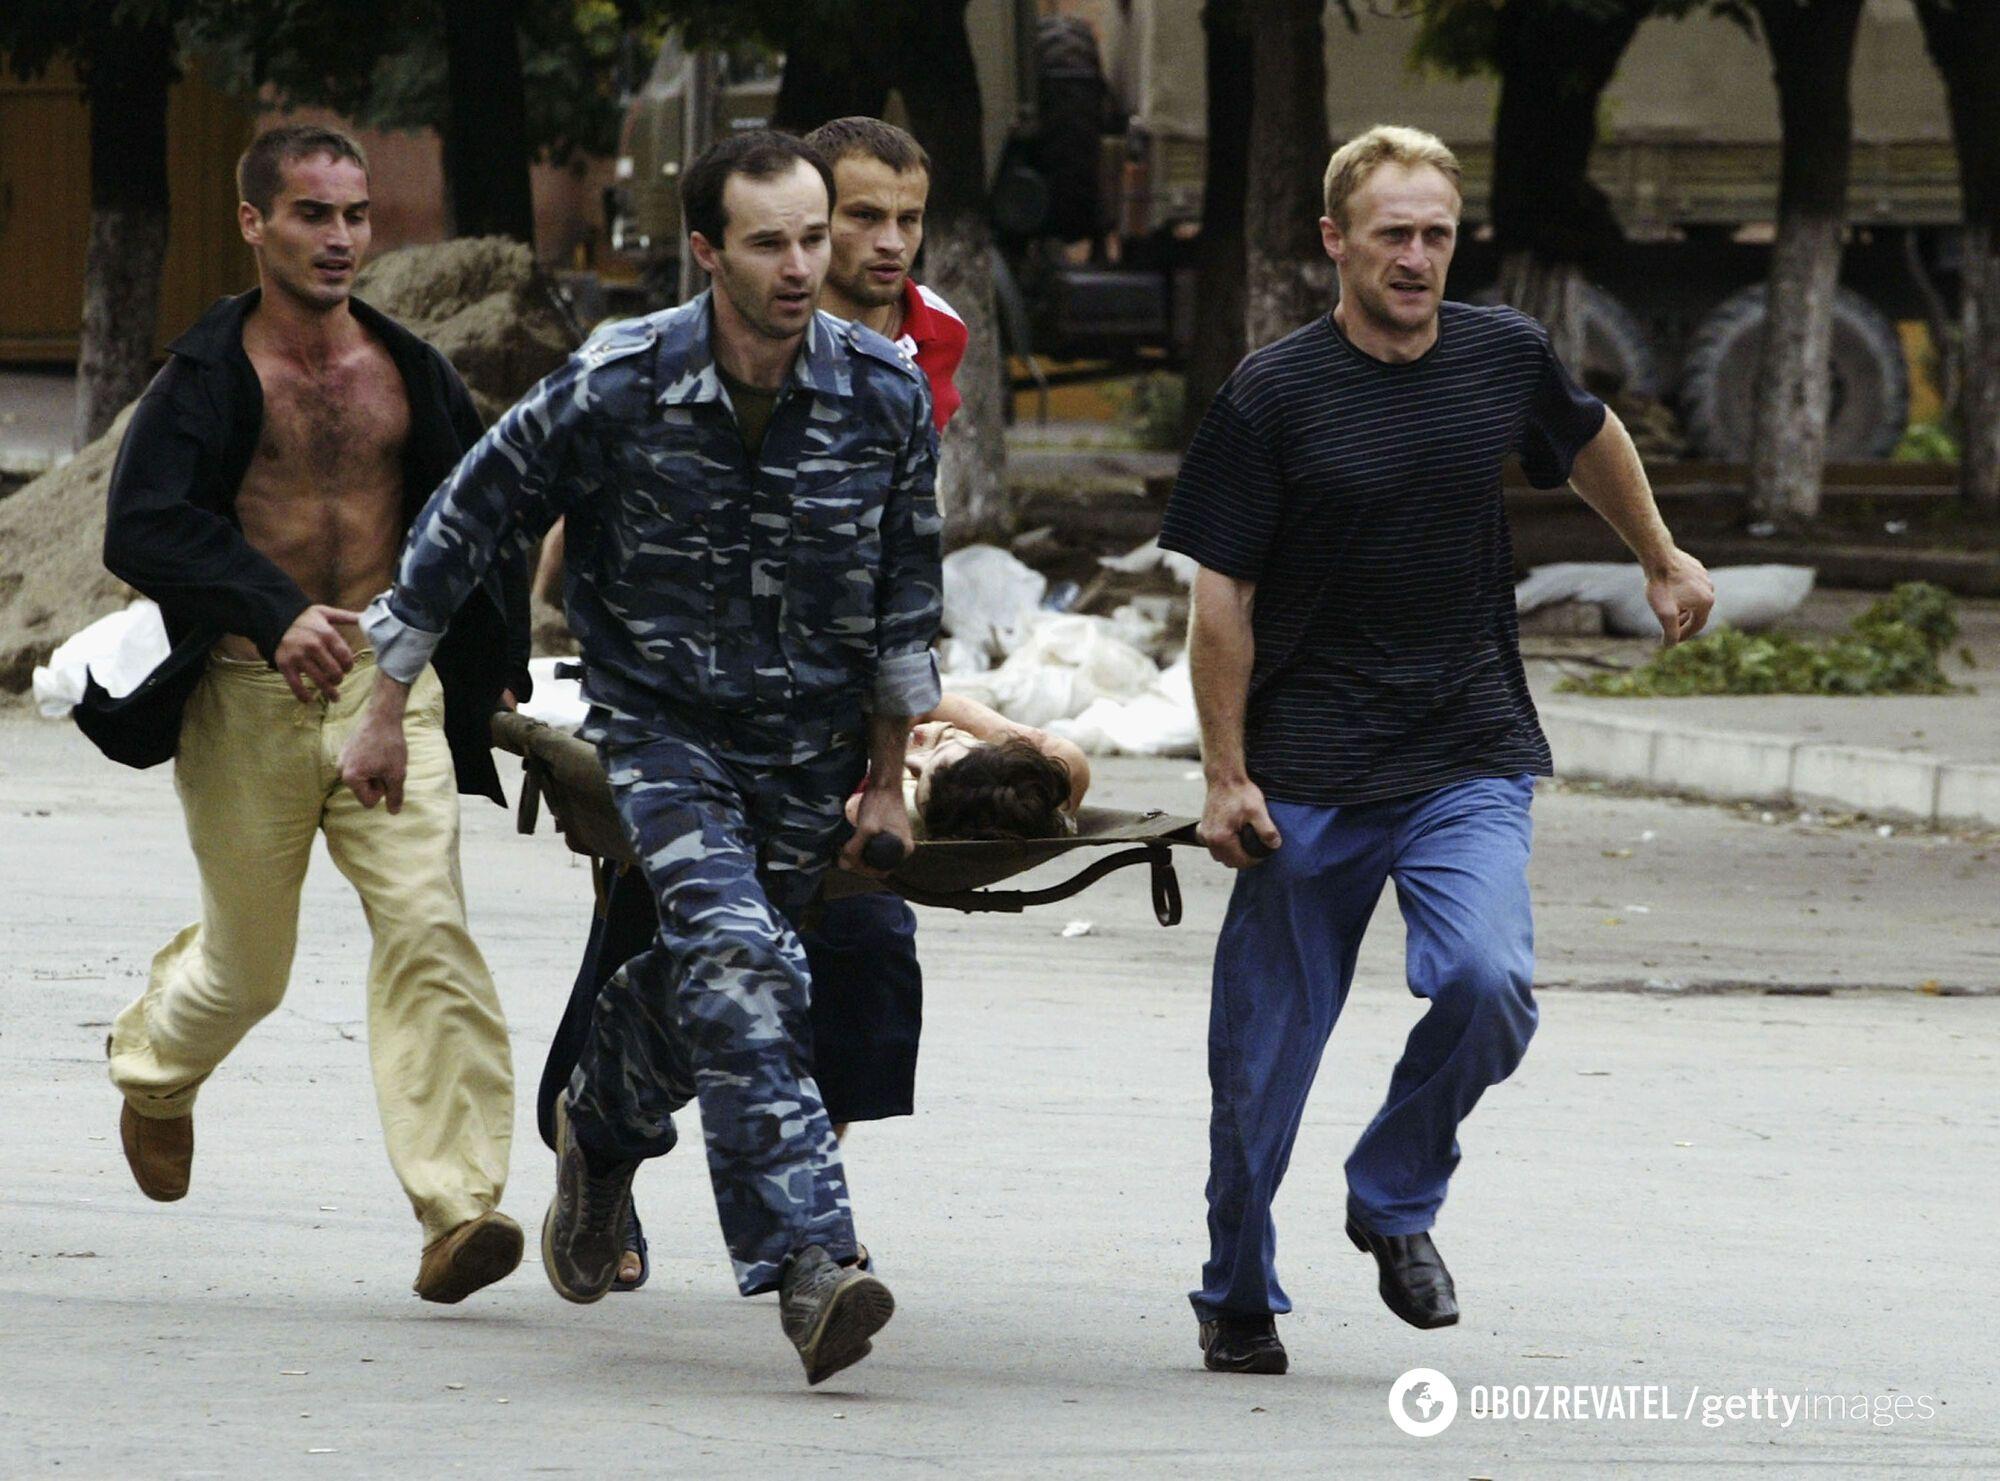 Добровольцы несут раненую из захваченной школы, 3 сентября 2004 года, Беслан